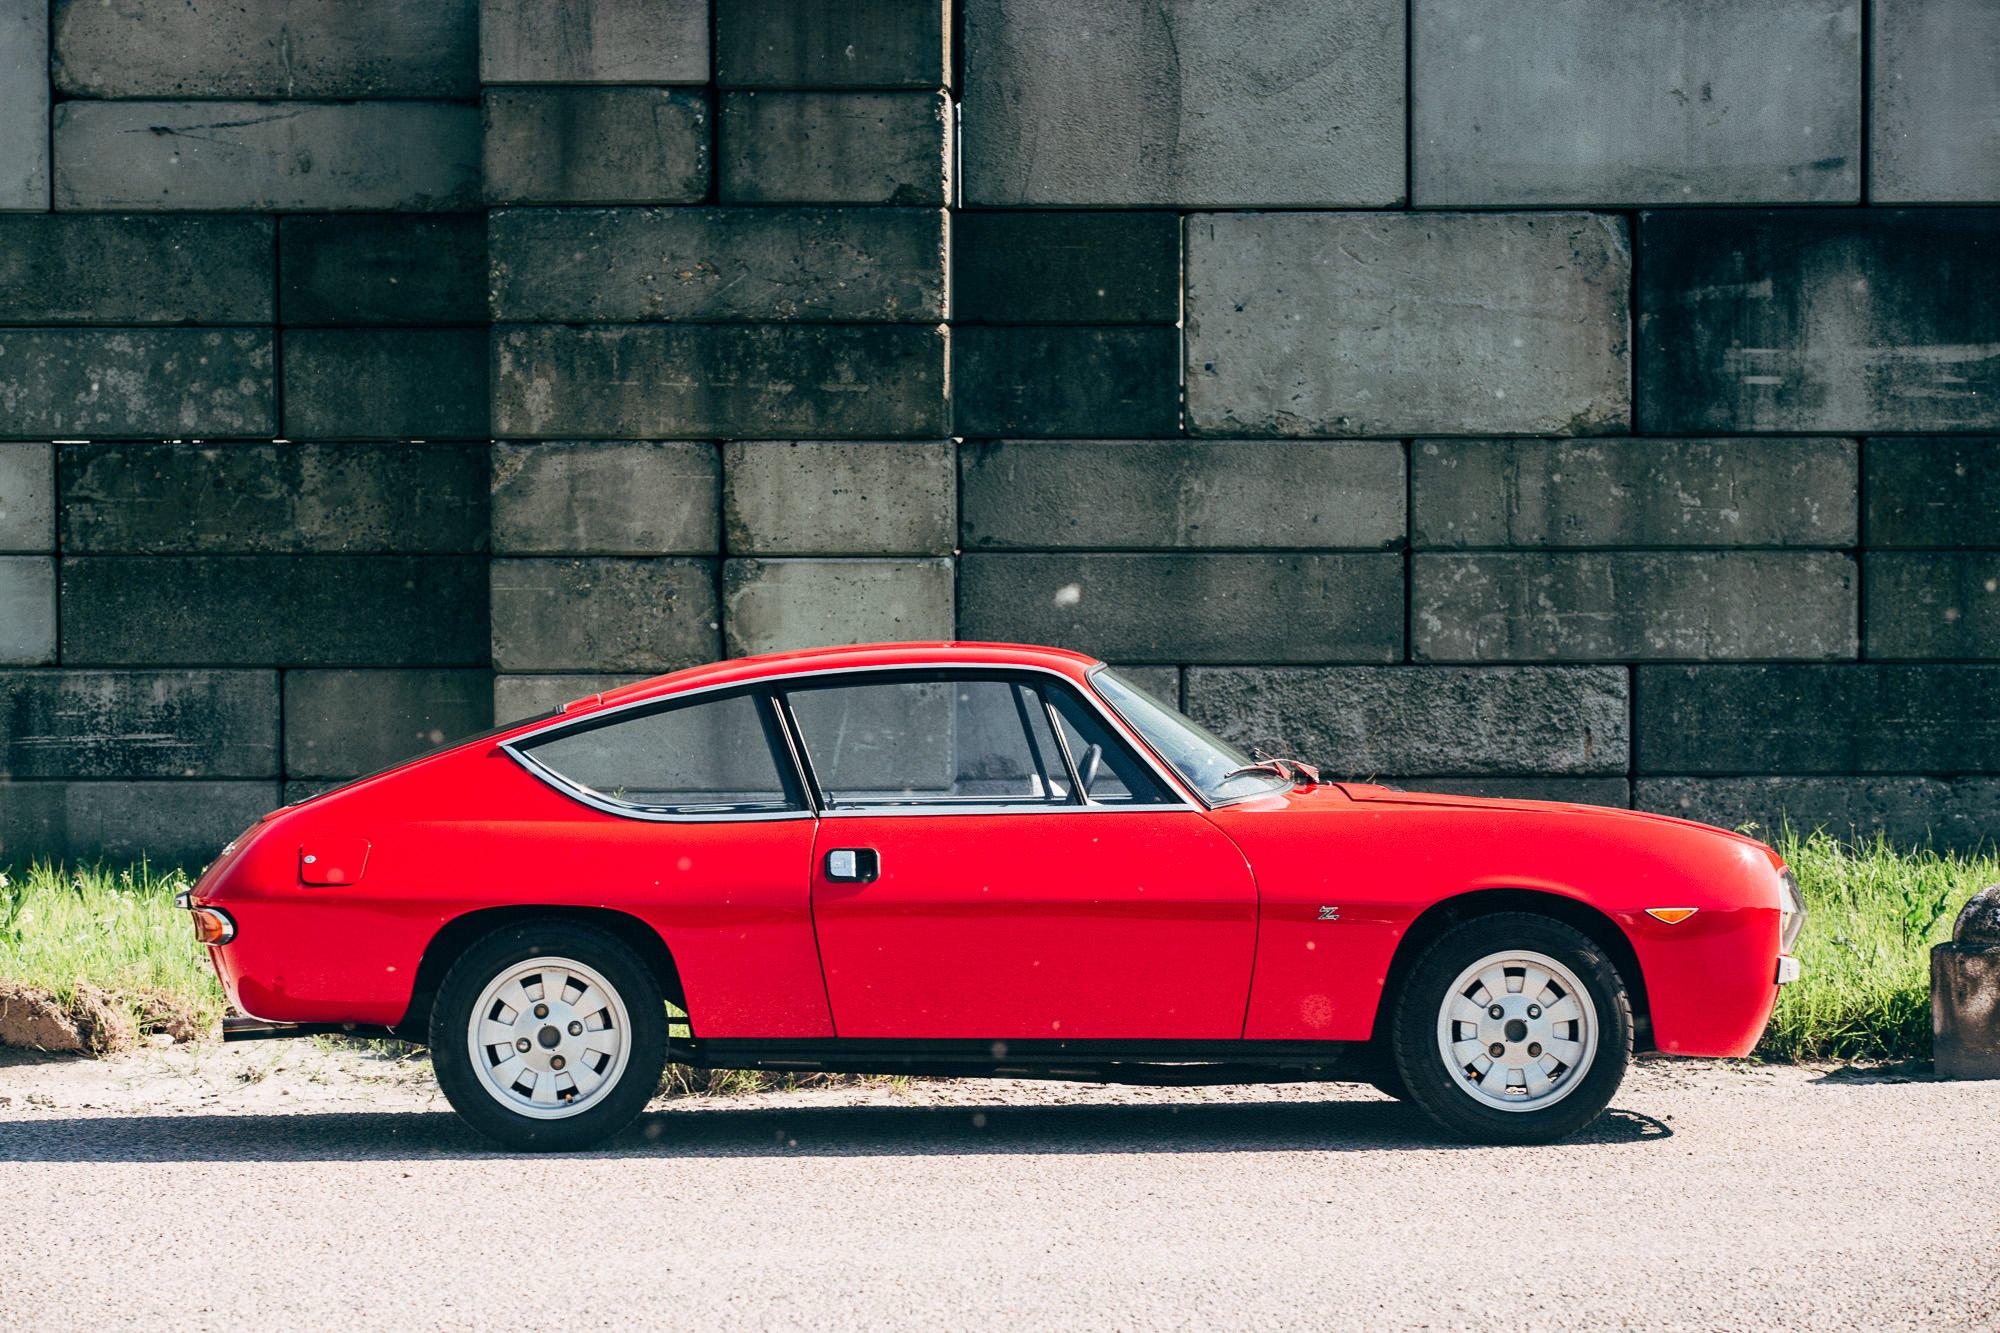 La Lancia Flavia représente pour la marque Lancia fondée par Vincenzo Lancia le début dune nouvelle ère de grande innovation technologique et de créativité